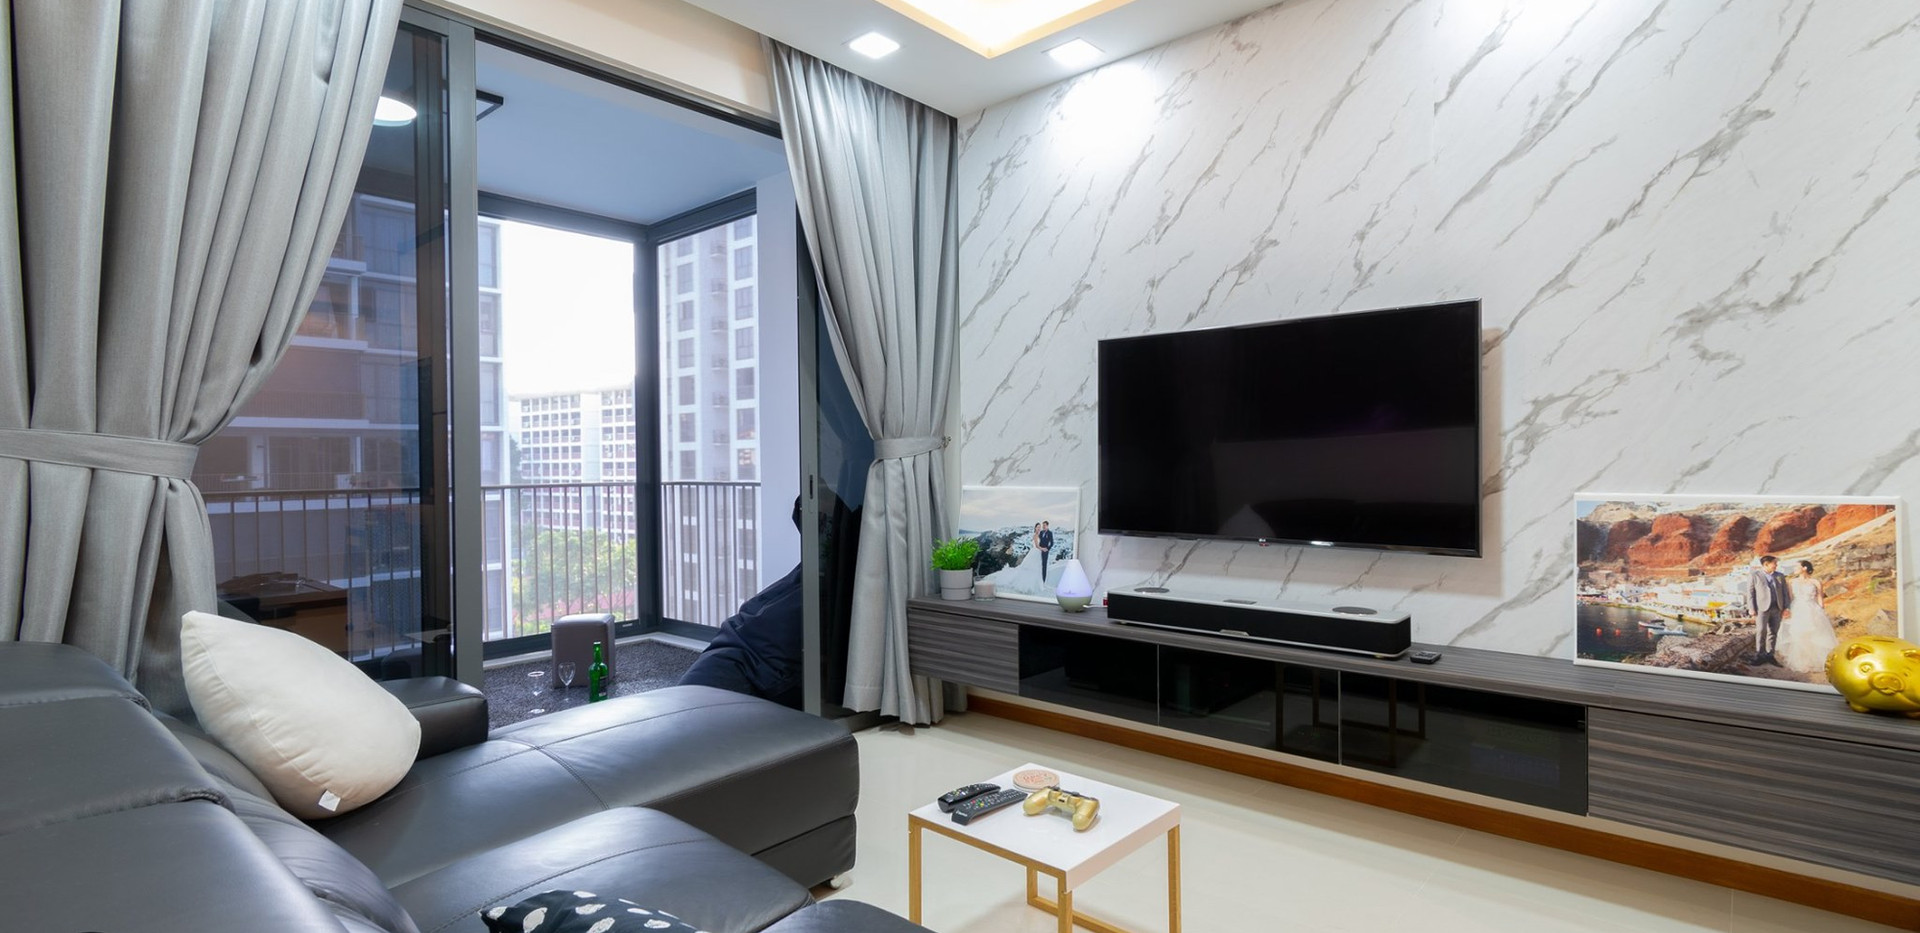 Wandervale Condominium